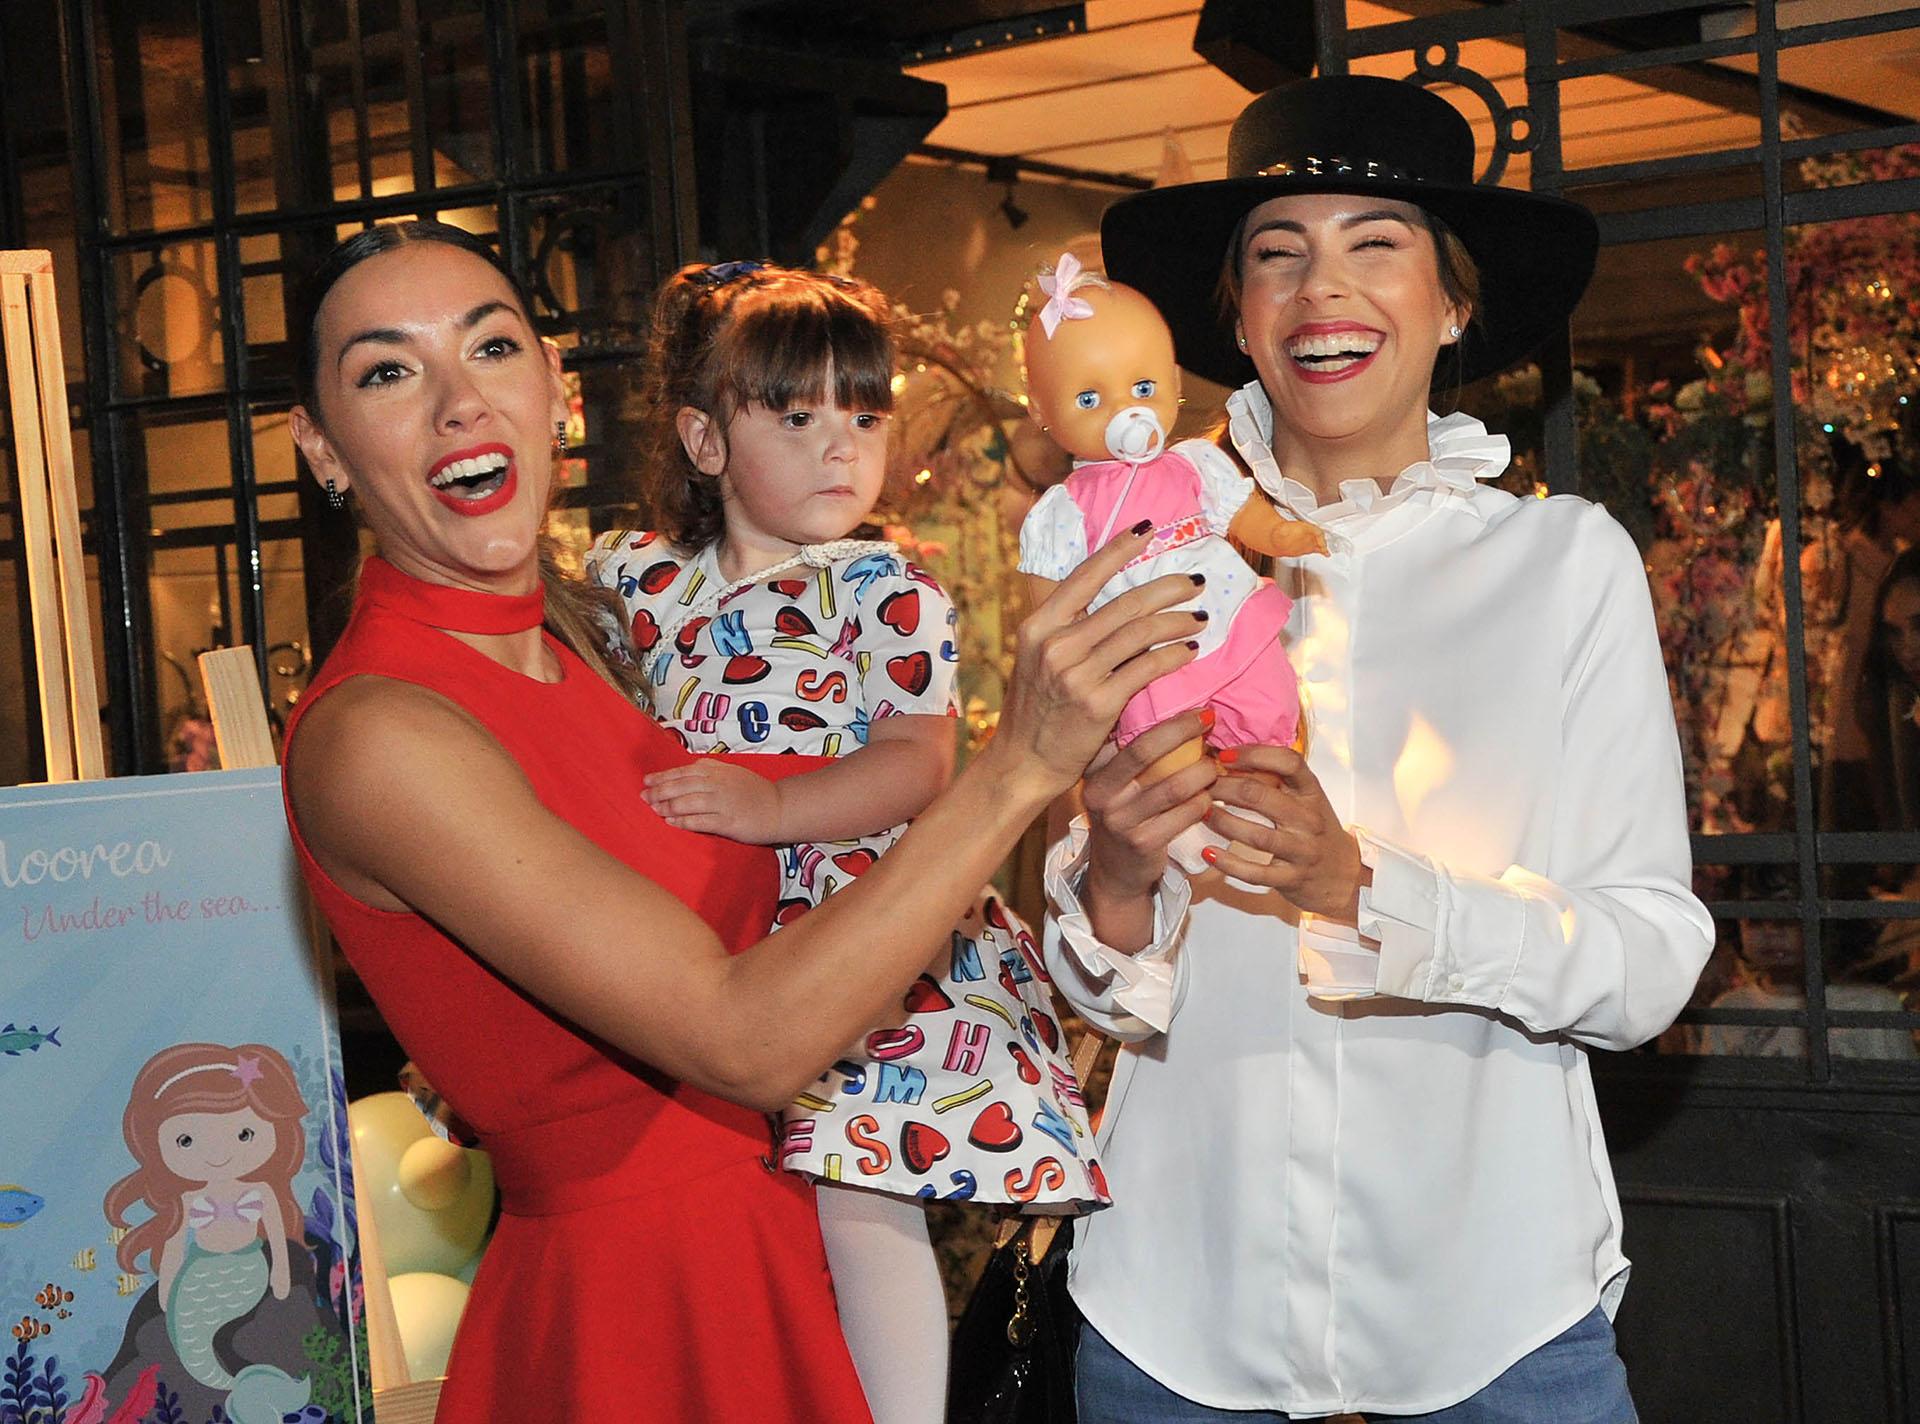 En el cumpleaños de Moorea, Barby Franco bromeó con un bebé de juguete